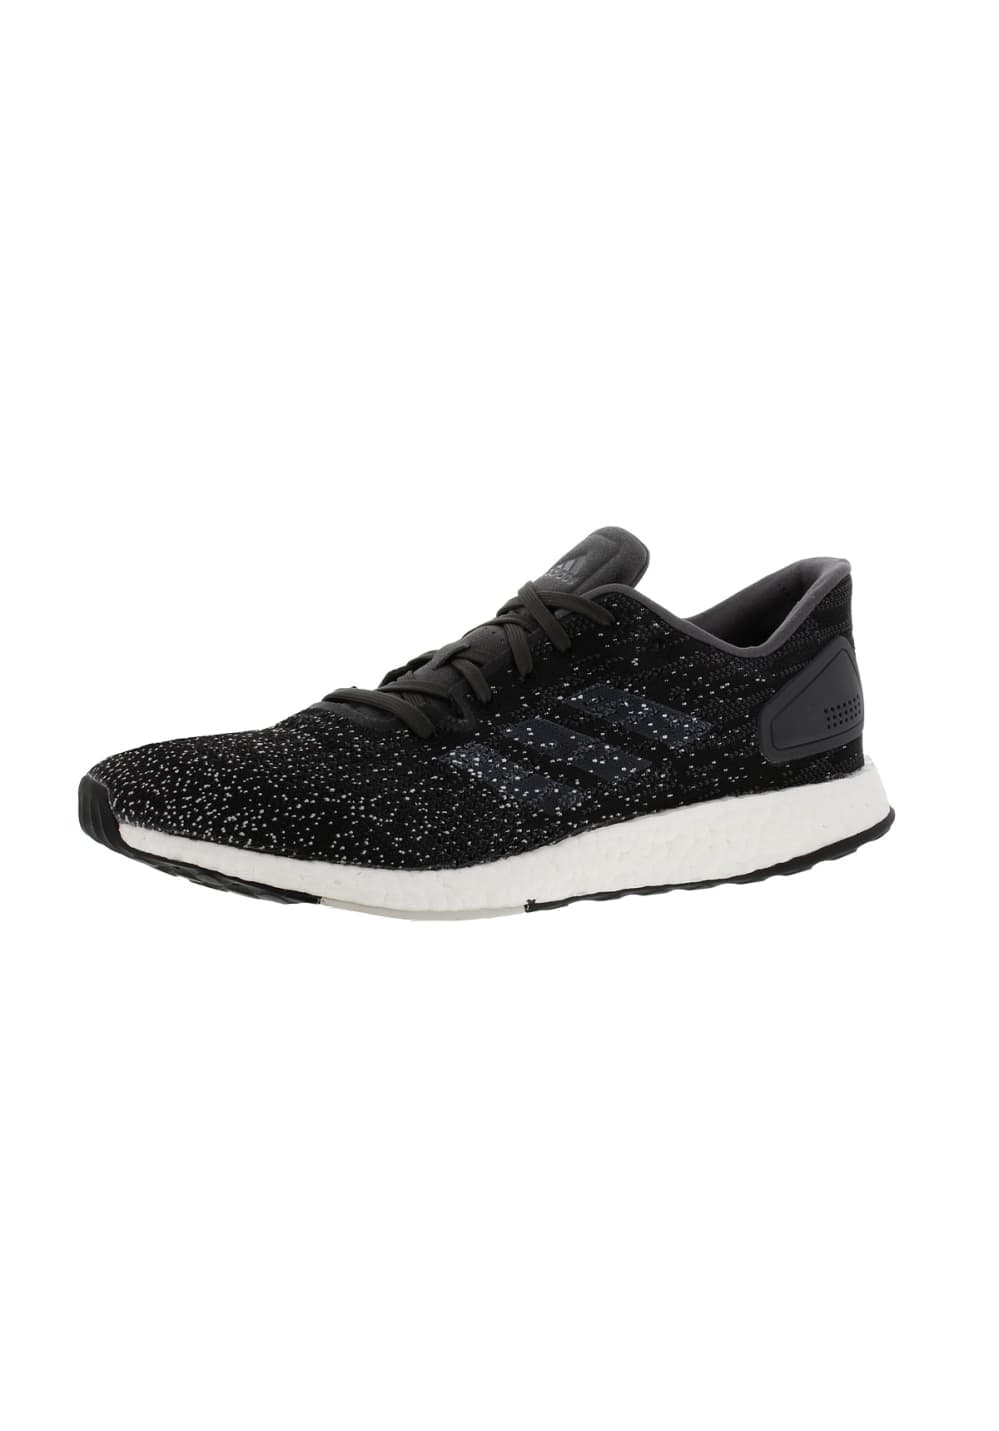 Details zu adidas Performance PureBOOST DPR Pride Schuh Herren Sportschuhe Beige Running